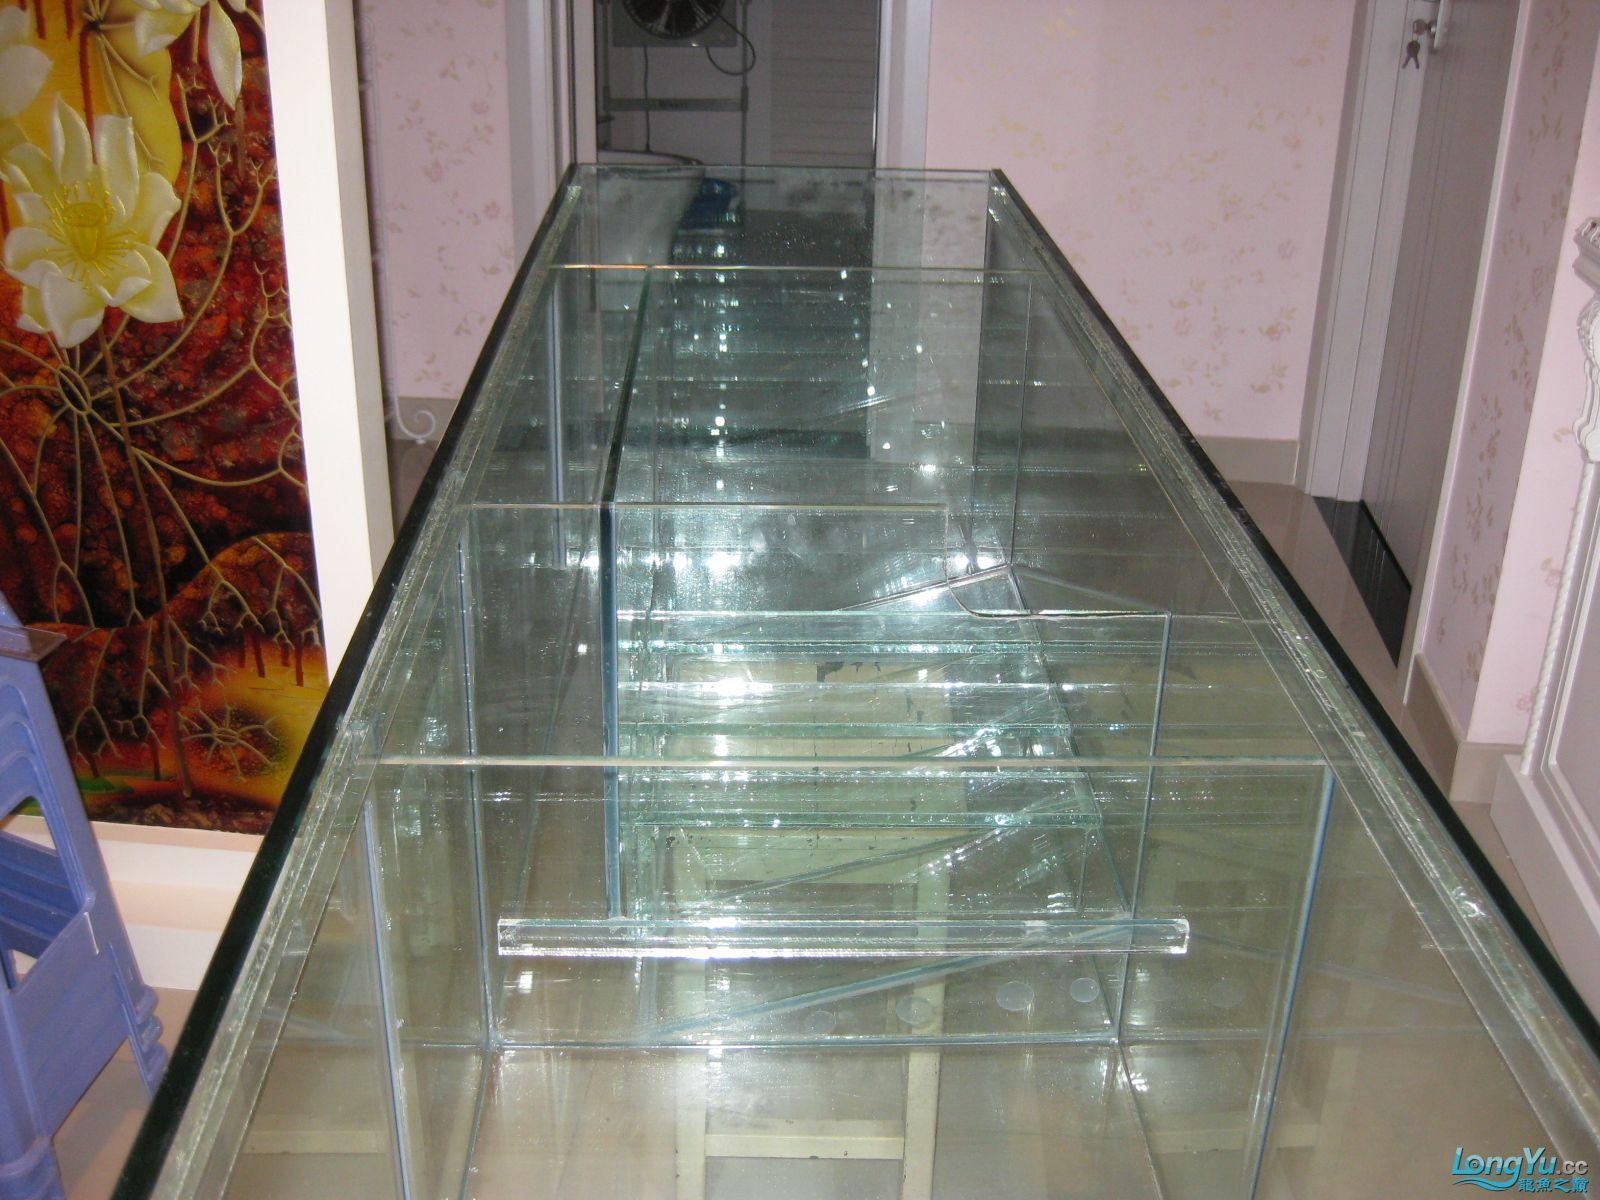 欧式超白玻璃鱼缸设计图纸200X70X100 西安观赏鱼信息 西安博特第6张